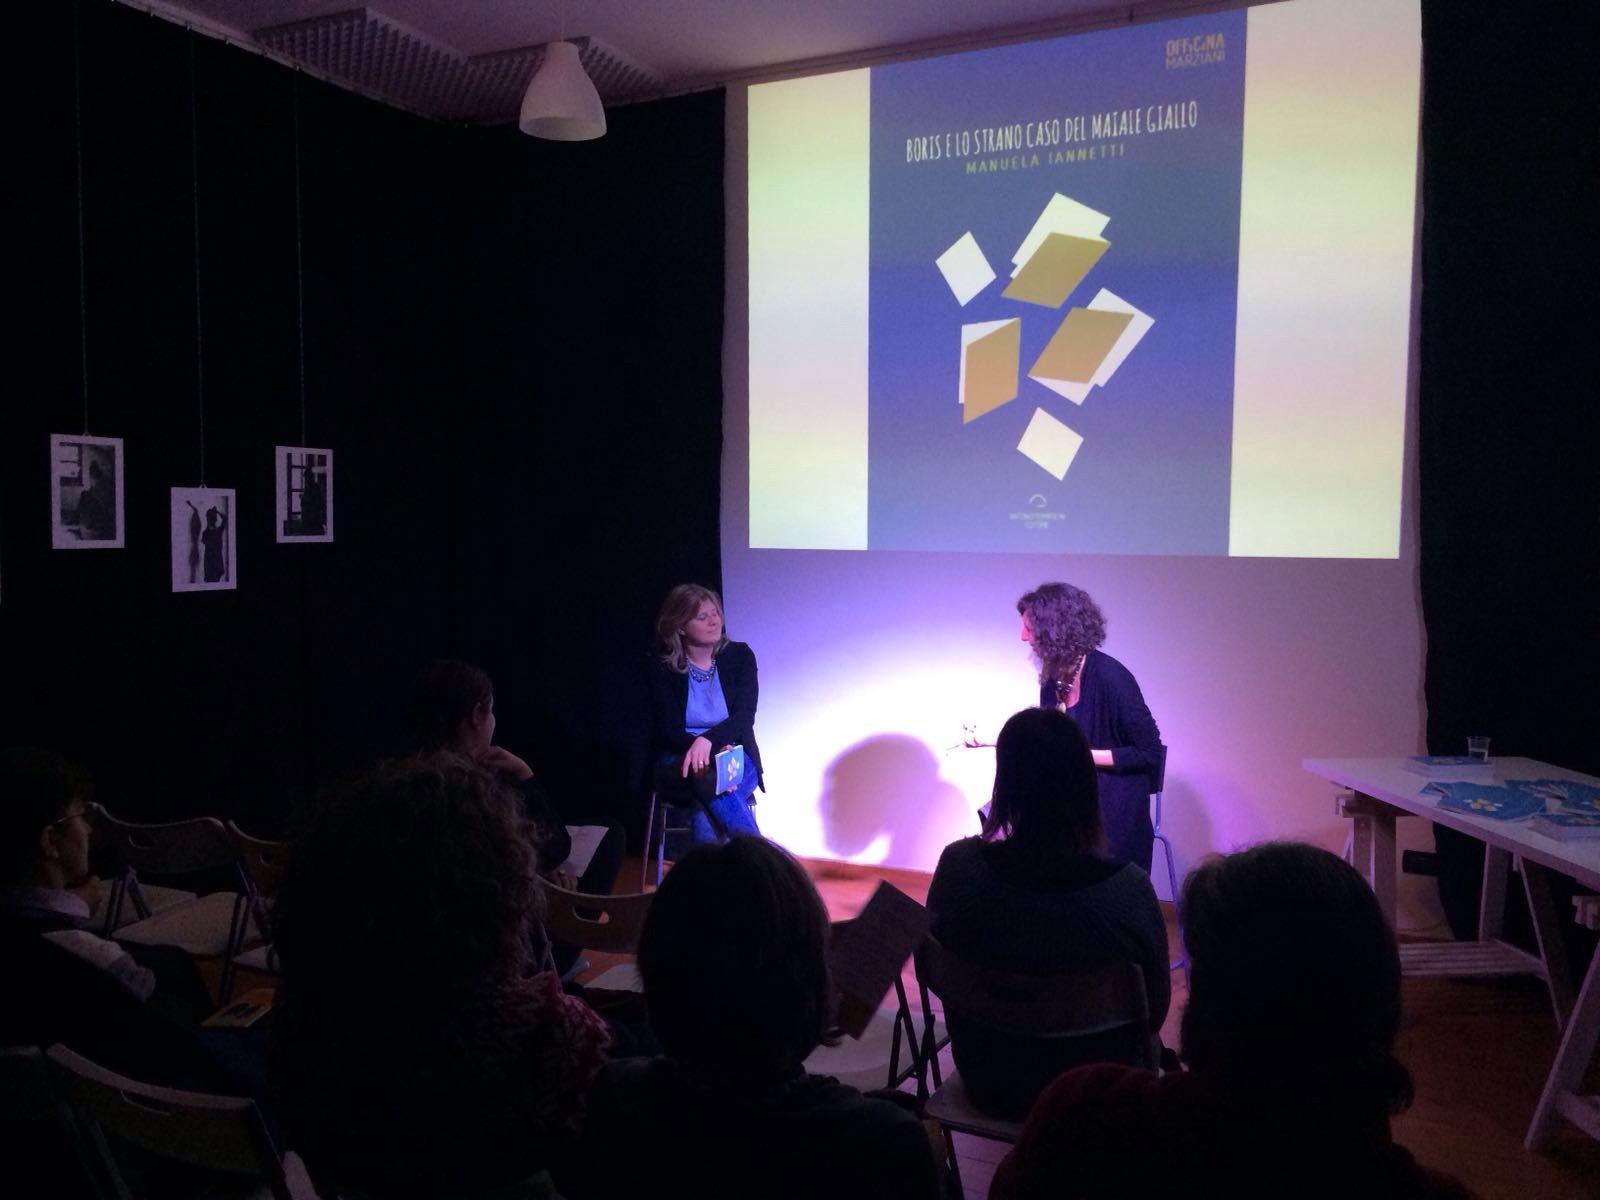 Foto di Silvia Mercuriati - presentazione del libro di MANUELA IANNETTI 2018